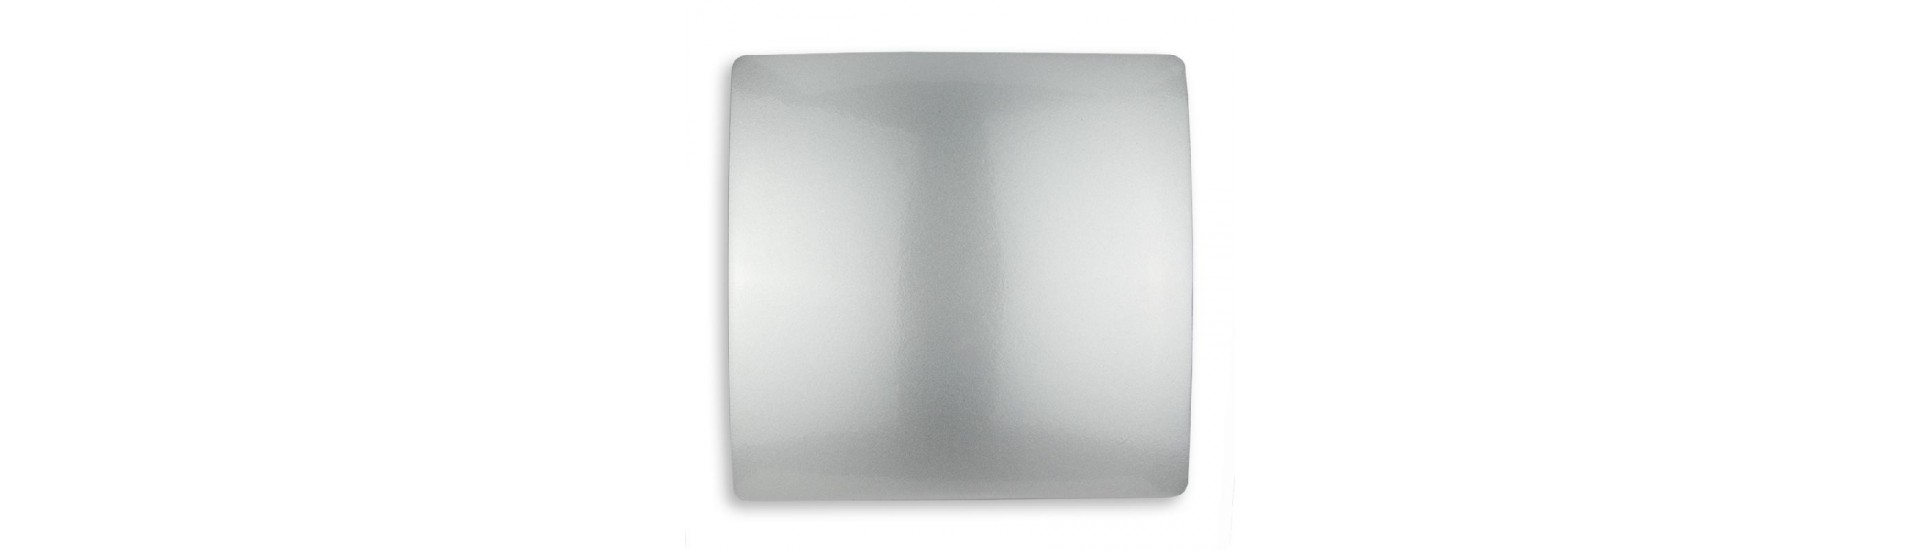 Магнит для штор на тросе 970-904 Винил серебро 14,5 см Квадрат